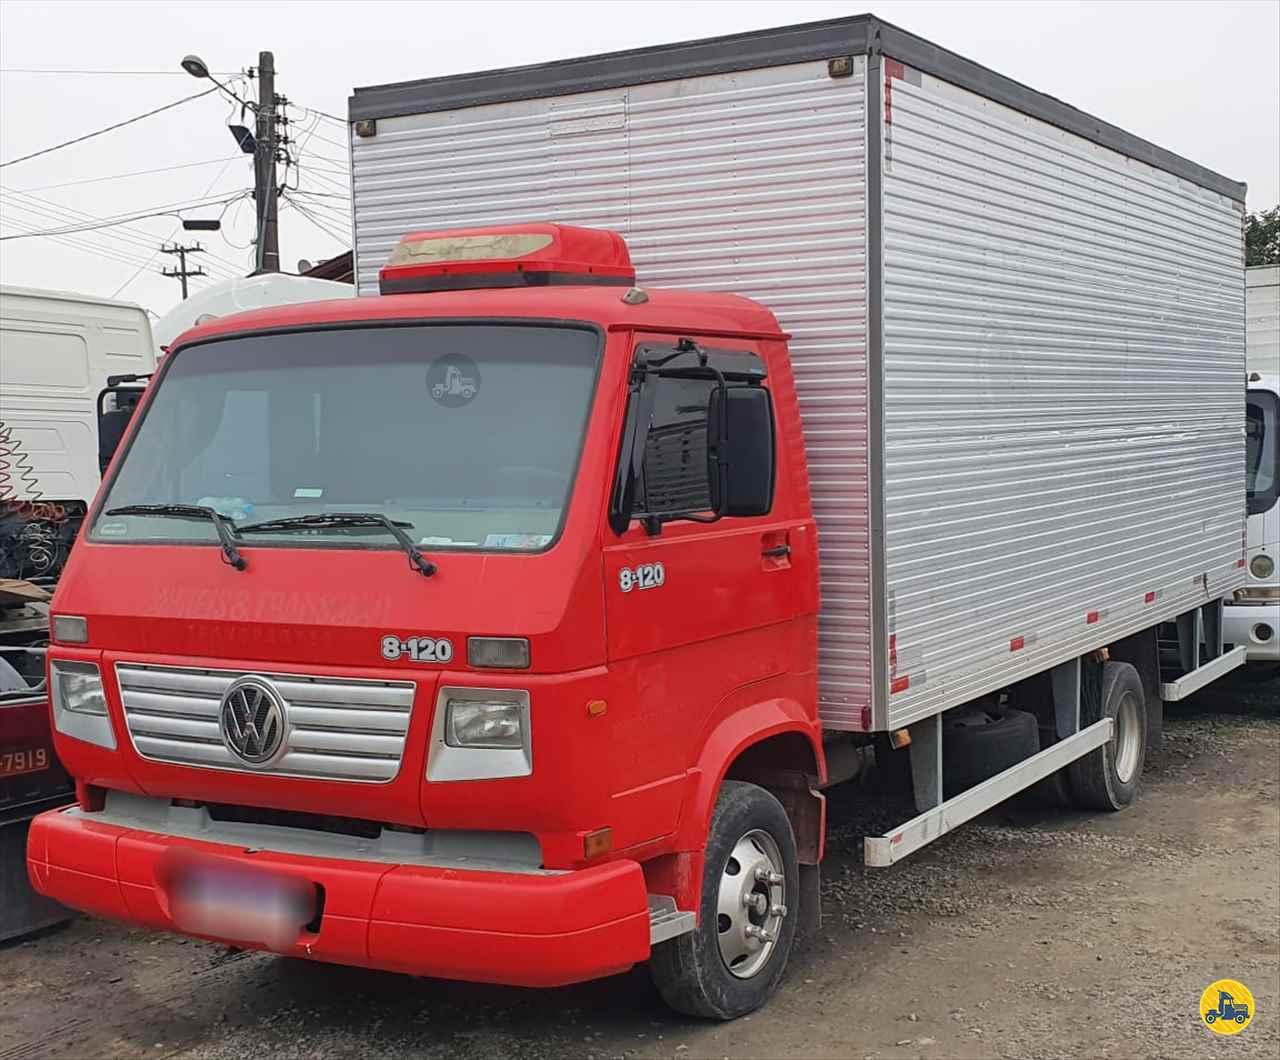 CAMINHAO VOLKSWAGEN VW 8120 Baú Furgão 3/4 4x2 Trevo Caminhões - AGB ITAJAI SANTA CATARINA SC